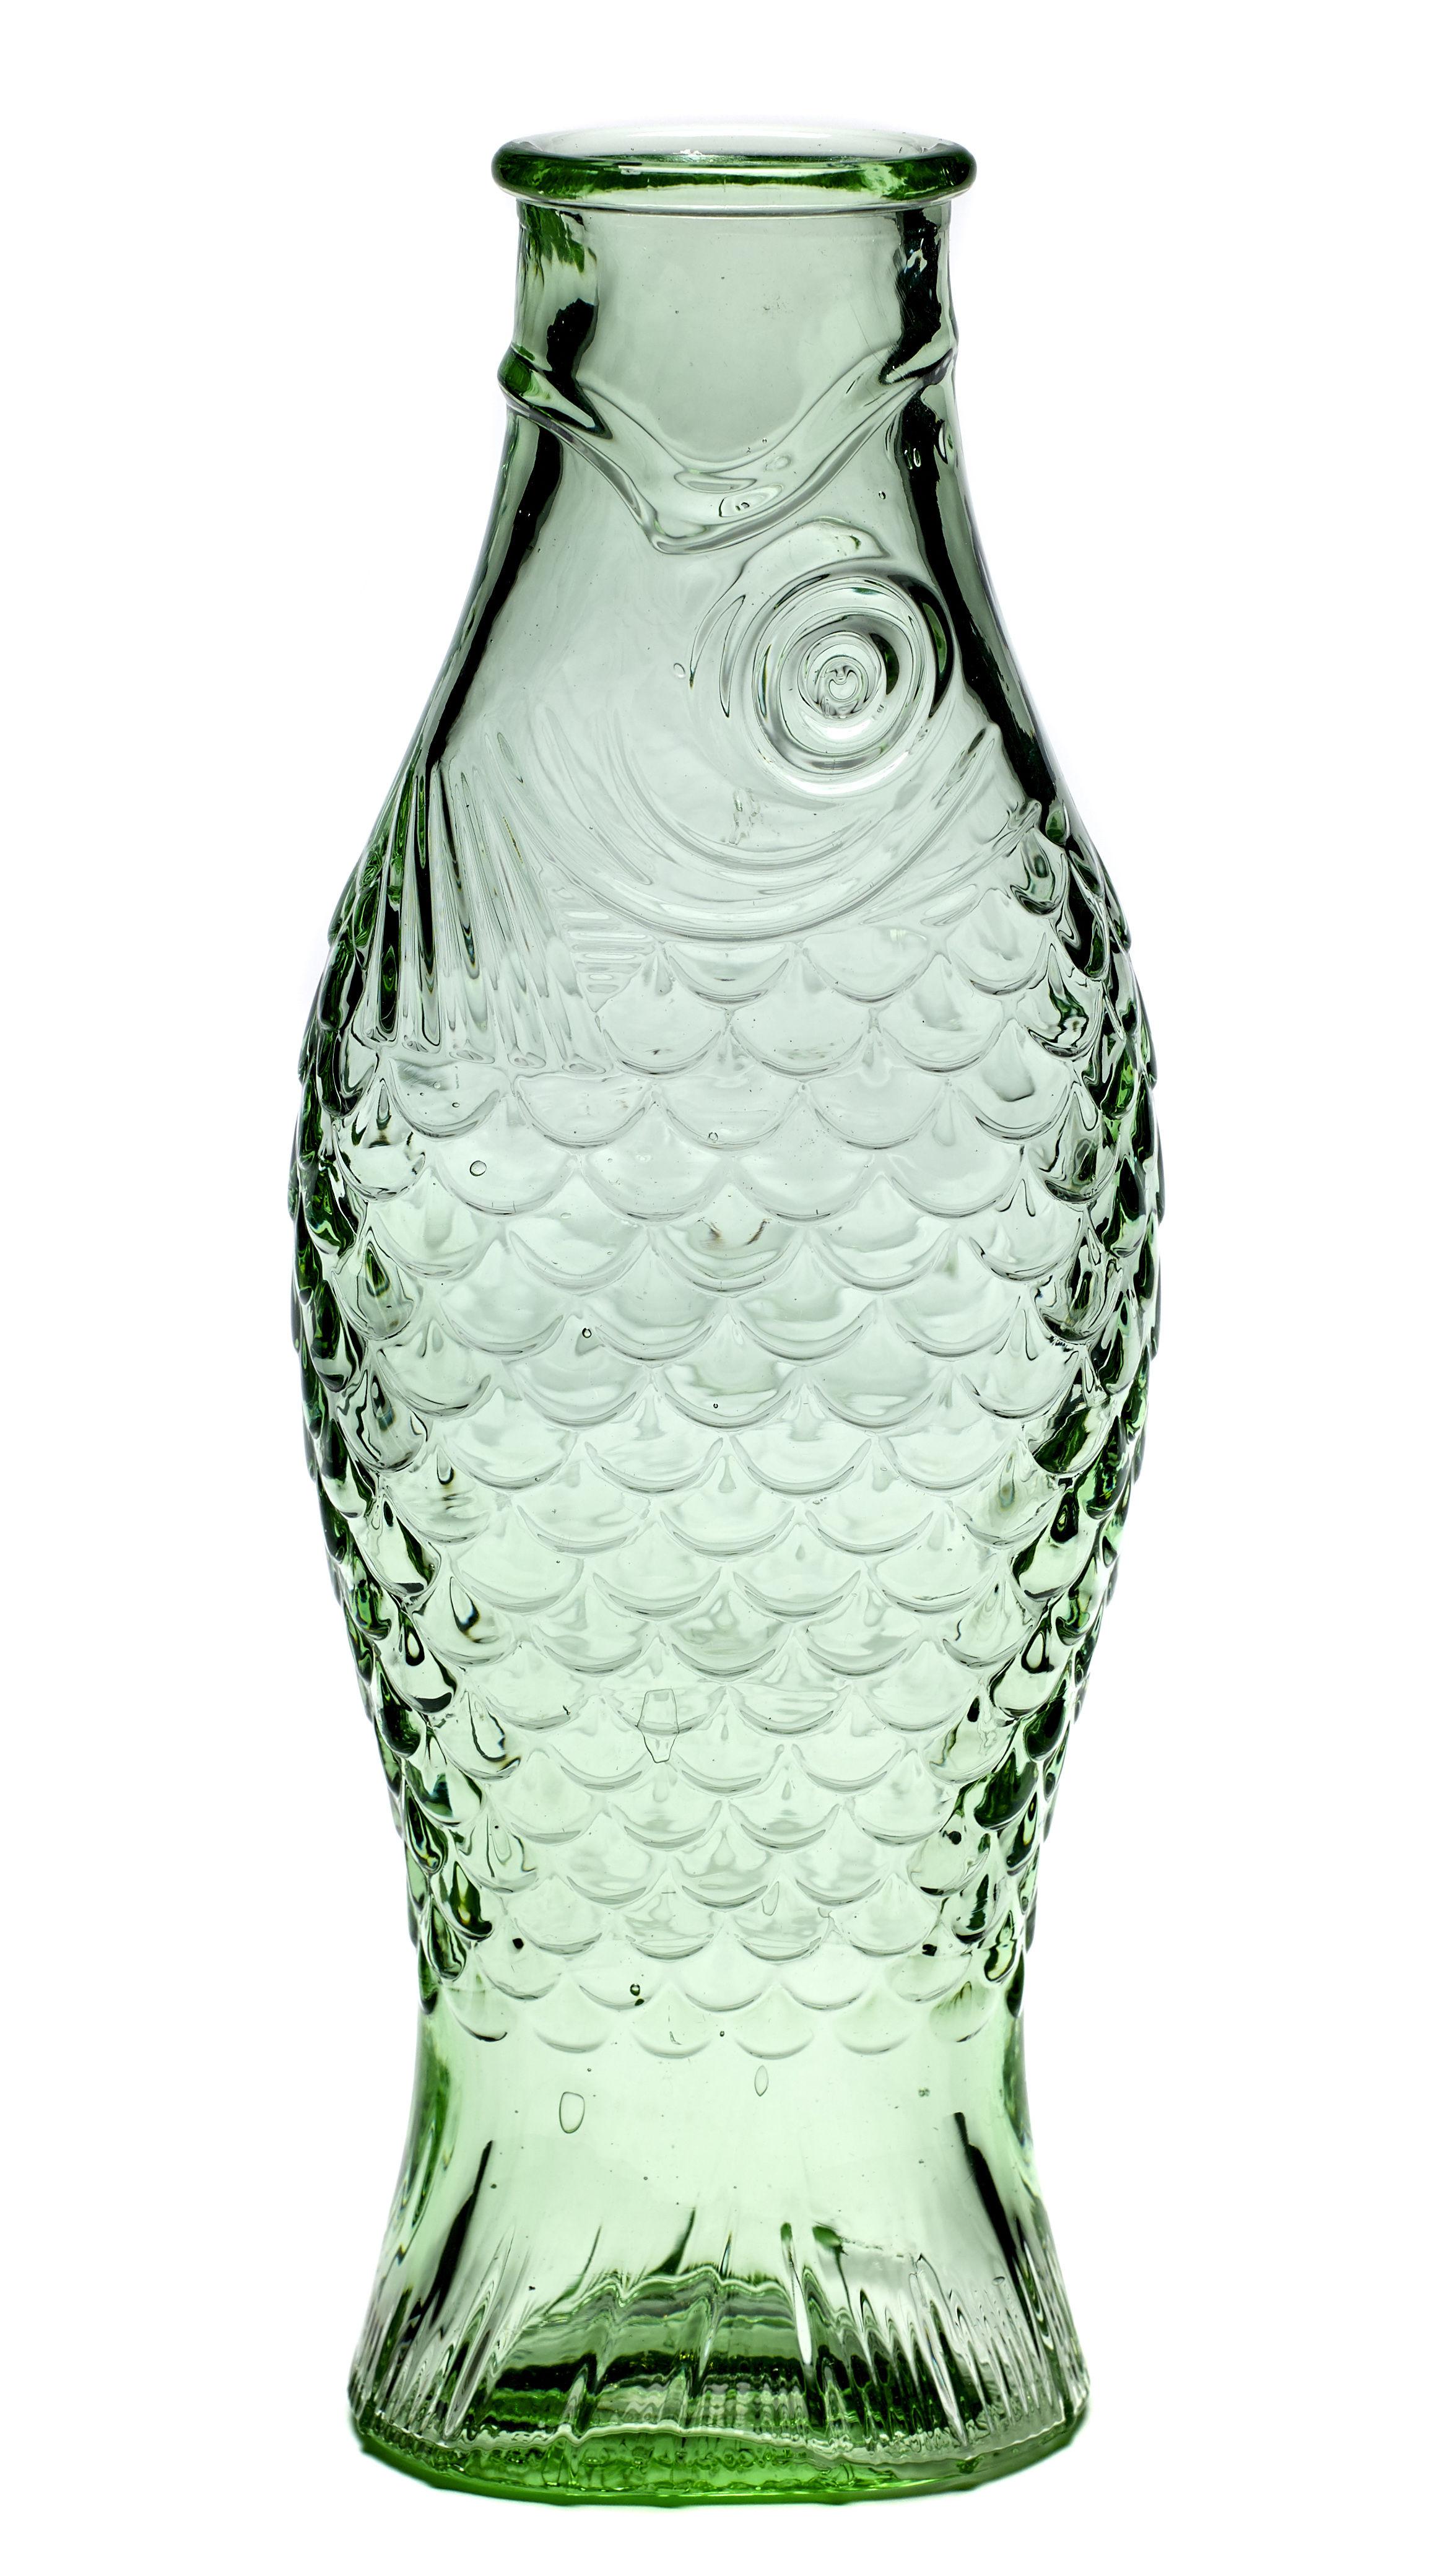 Tischkultur - Karaffen - Fish & Fish Karaffe / 1 l - Serax - Grün (transparent) - Pressglas